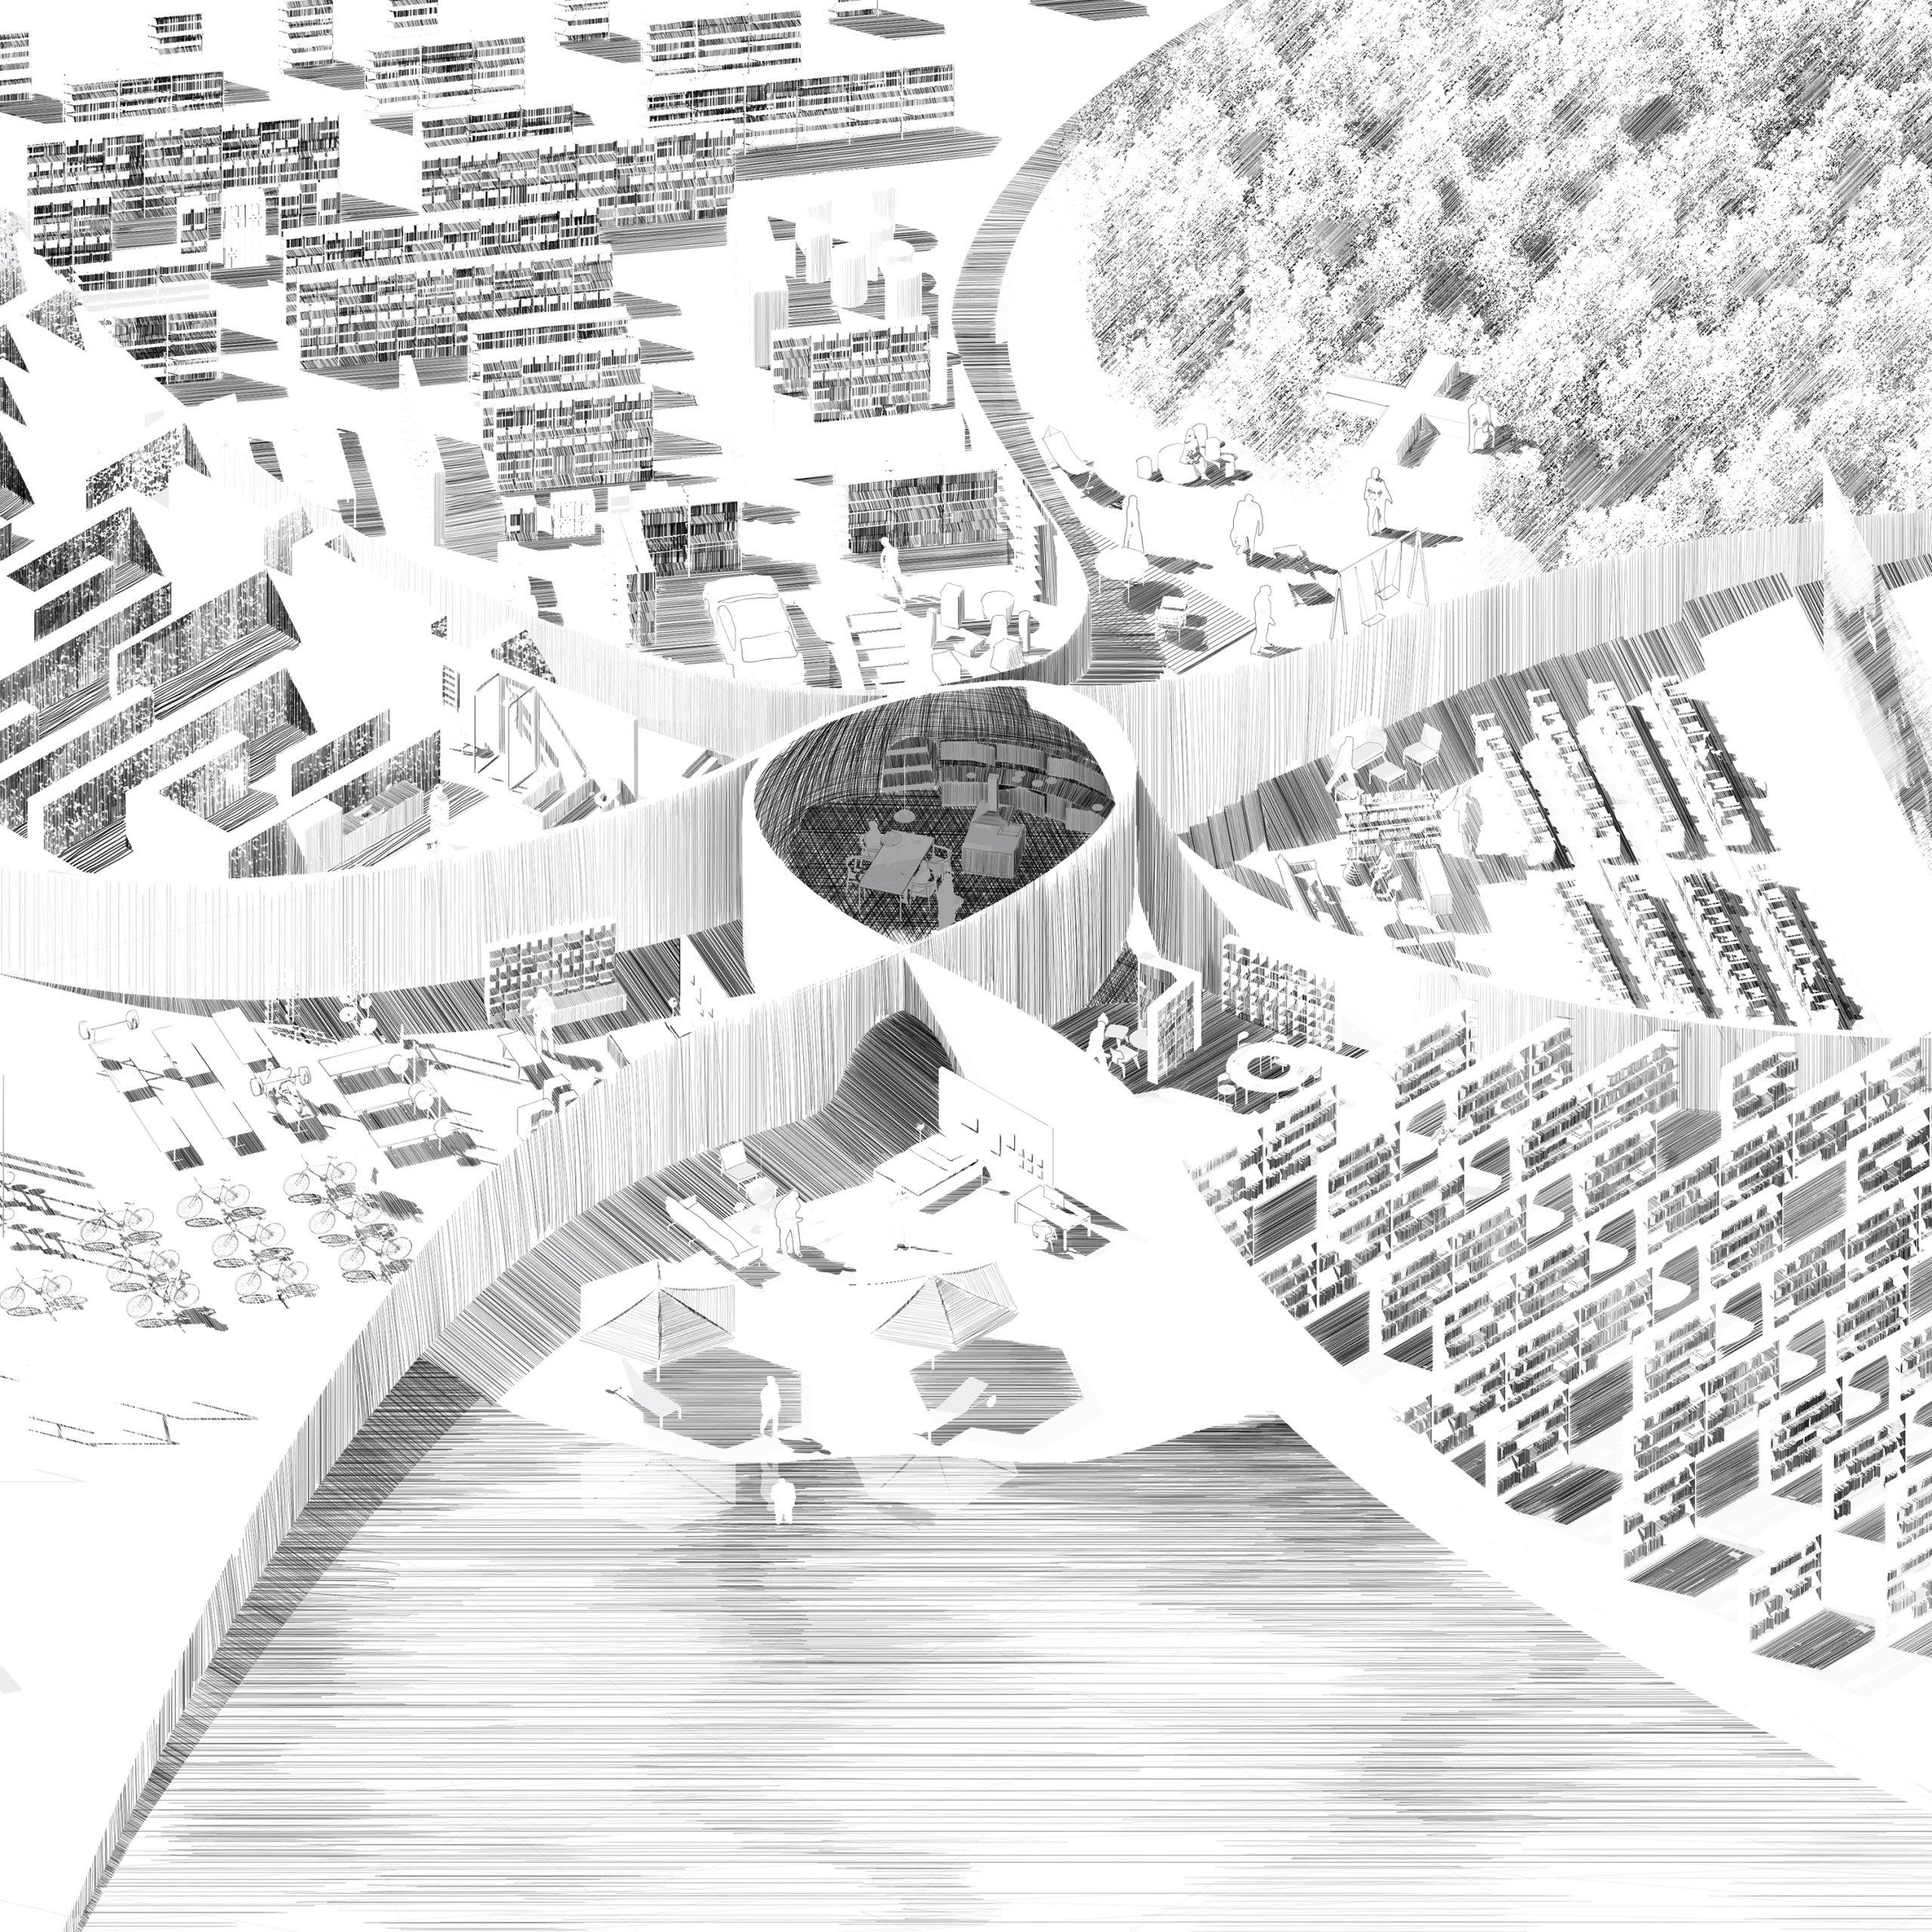 Plato's Cave - Jan Dabrowski